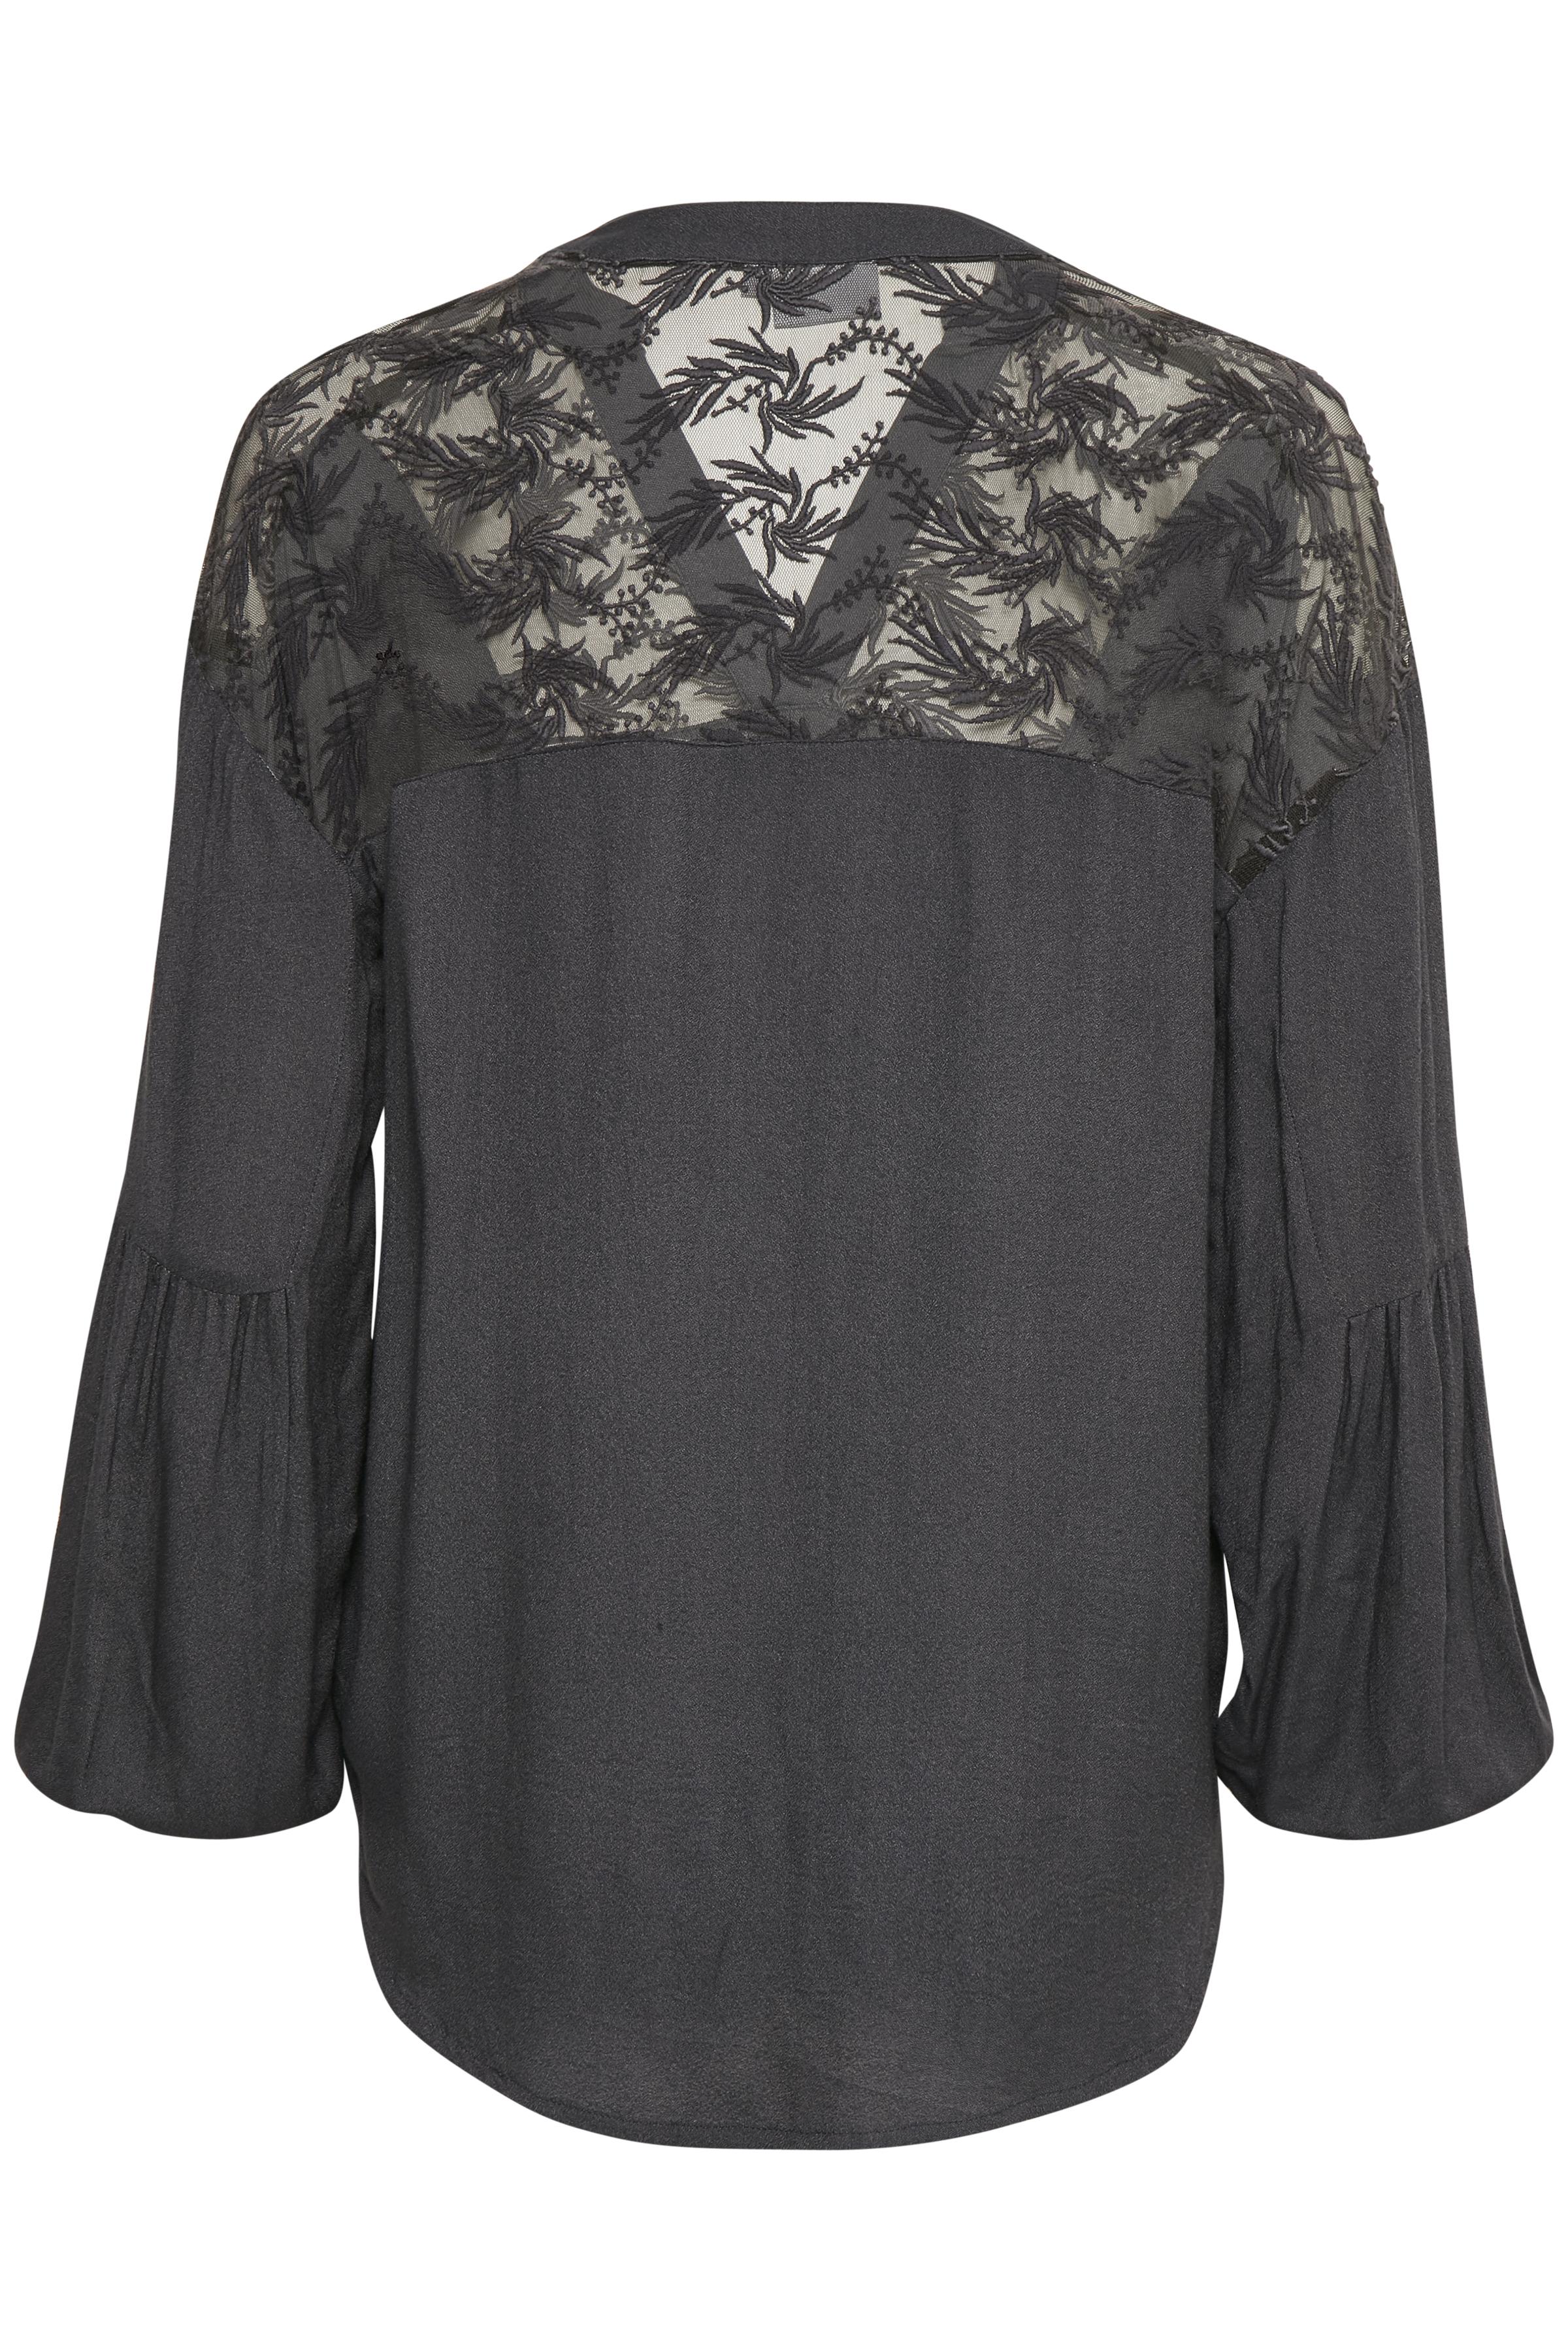 Mørkegrå Langærmet bluse fra b.young – Køb Mørkegrå Langærmet bluse fra str. 34-46 her